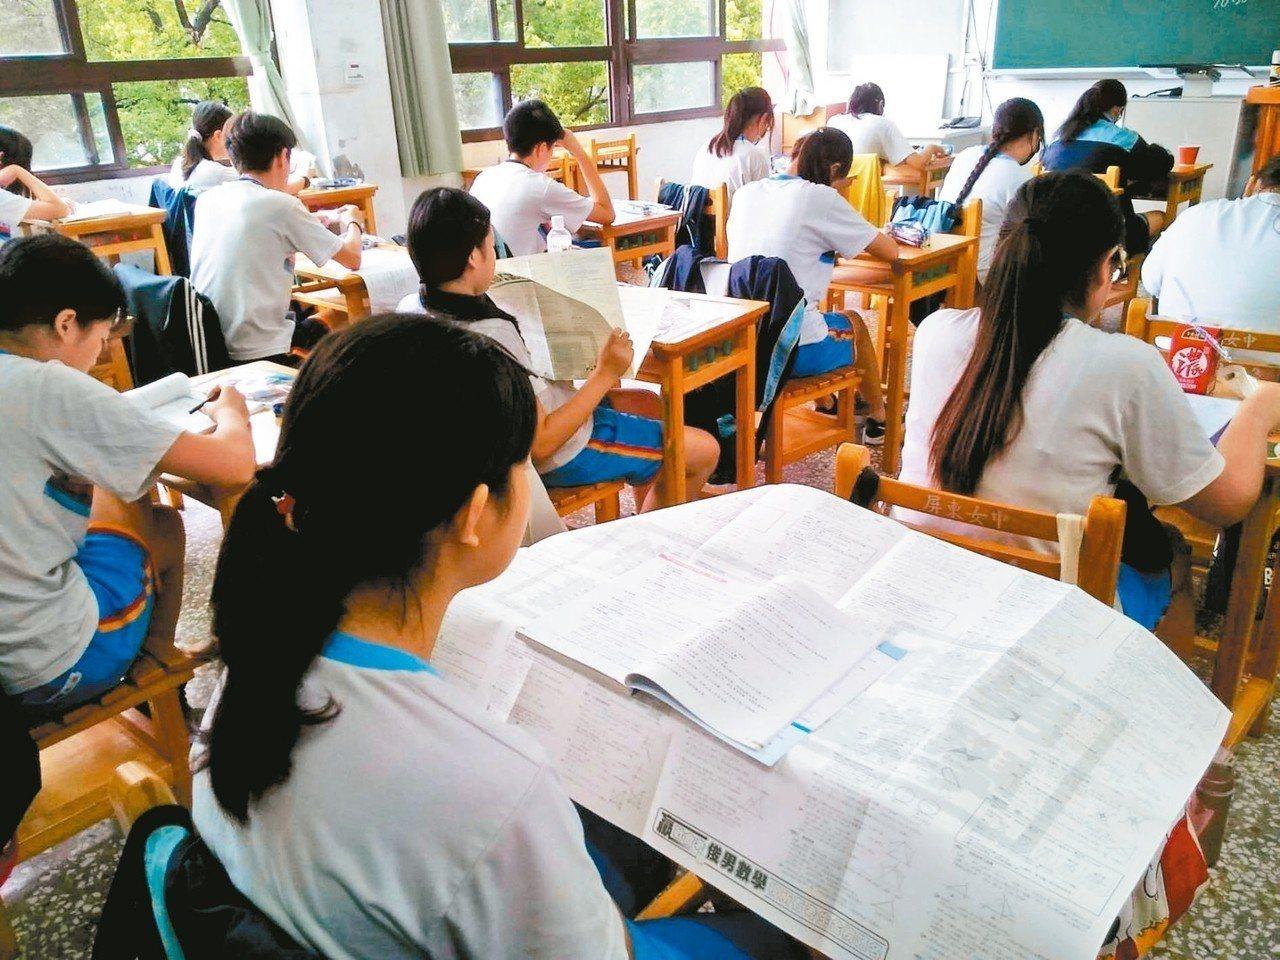 昨天國中會考第一天,屏東地區考生們把握休息時間複習。 記者江國豪/攝影